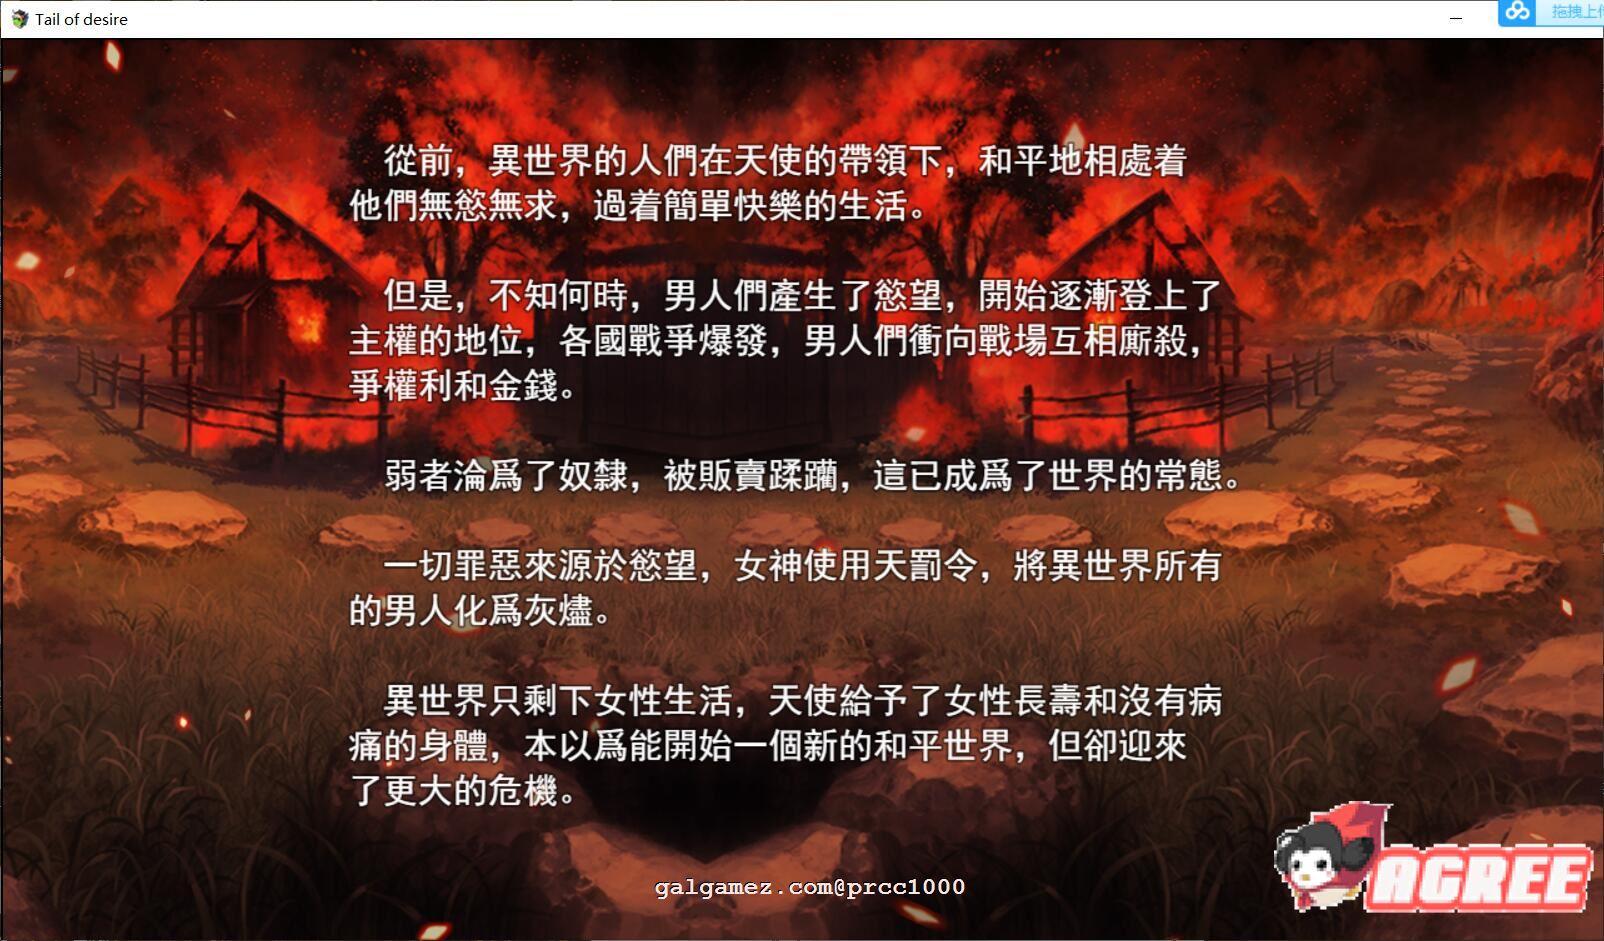 [神级RPG/中文/步兵]欲望之尾 V0.6.2 官方中文版+全CG存档[FM/百度/OD][1.5G] 5